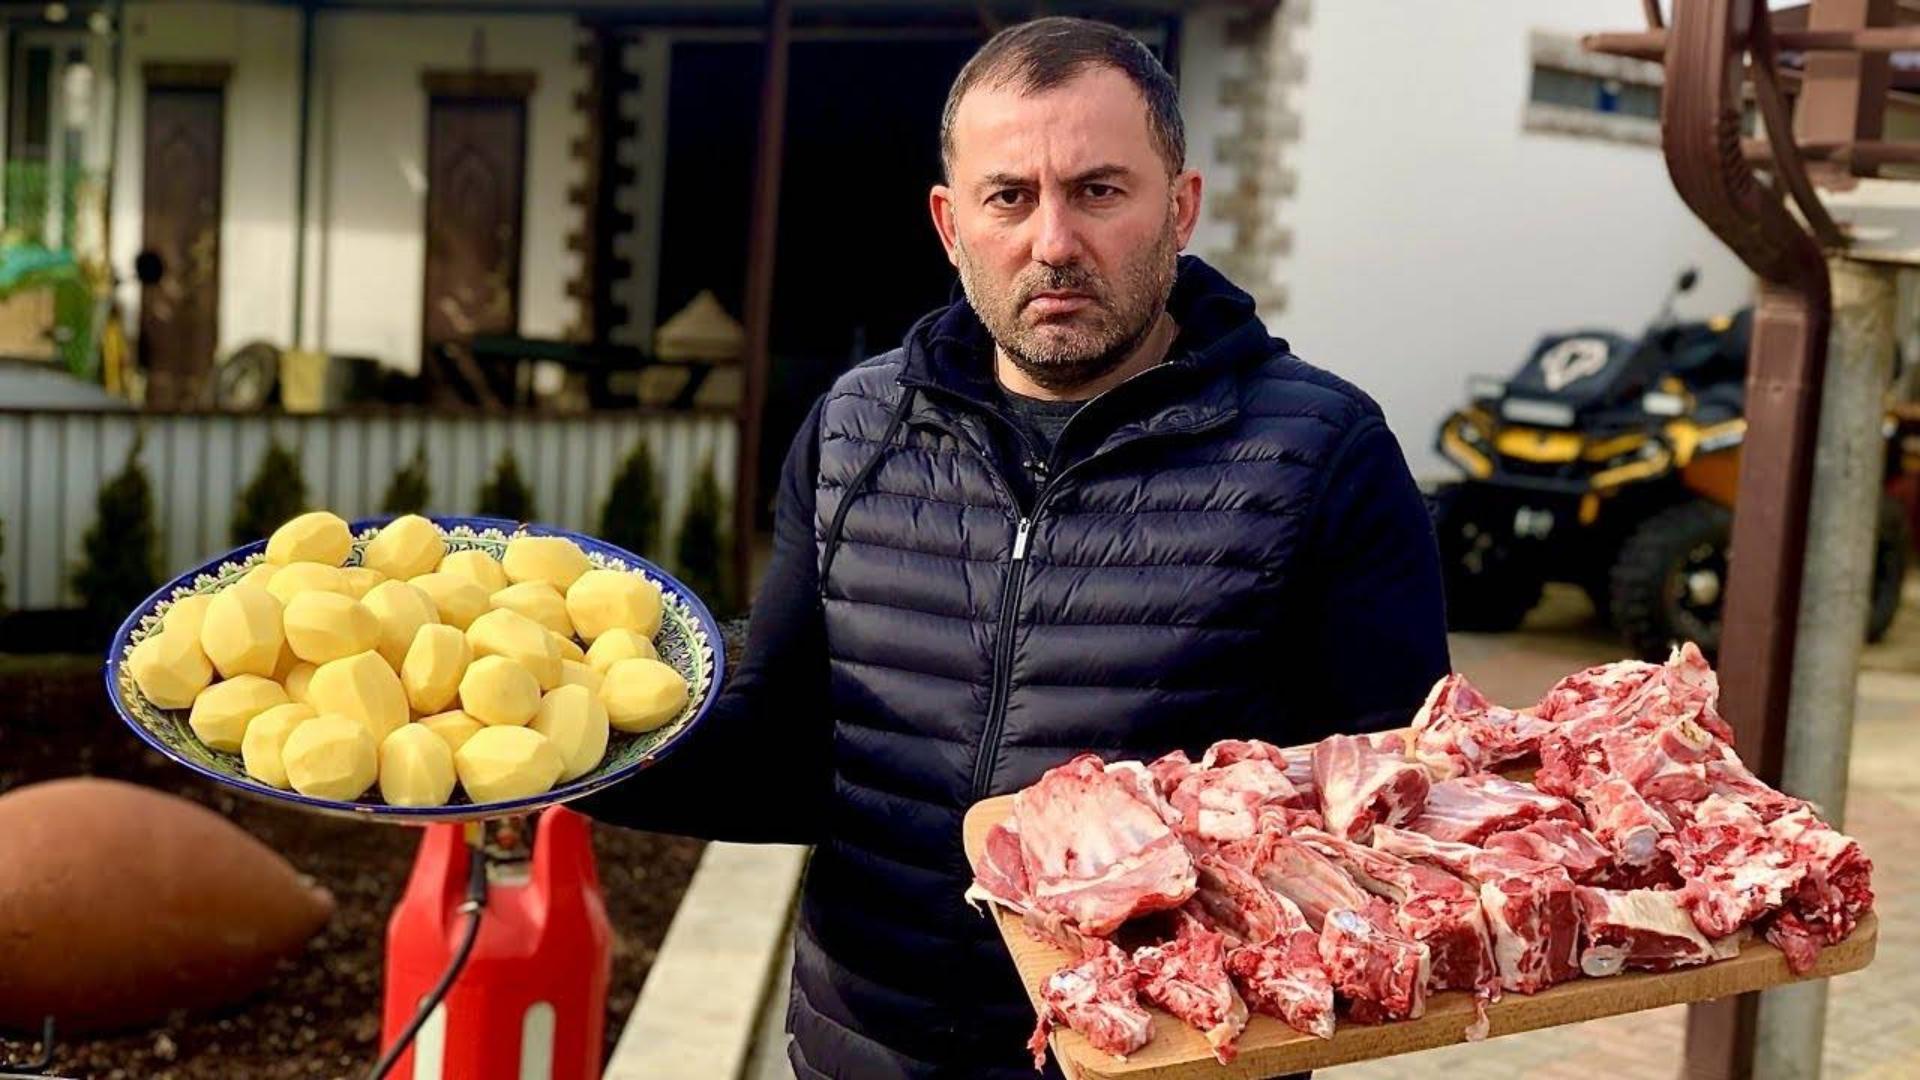 俄罗斯大叔用4公斤土豆炖羊肉太香了,火里的羔羊带土豆的肉!